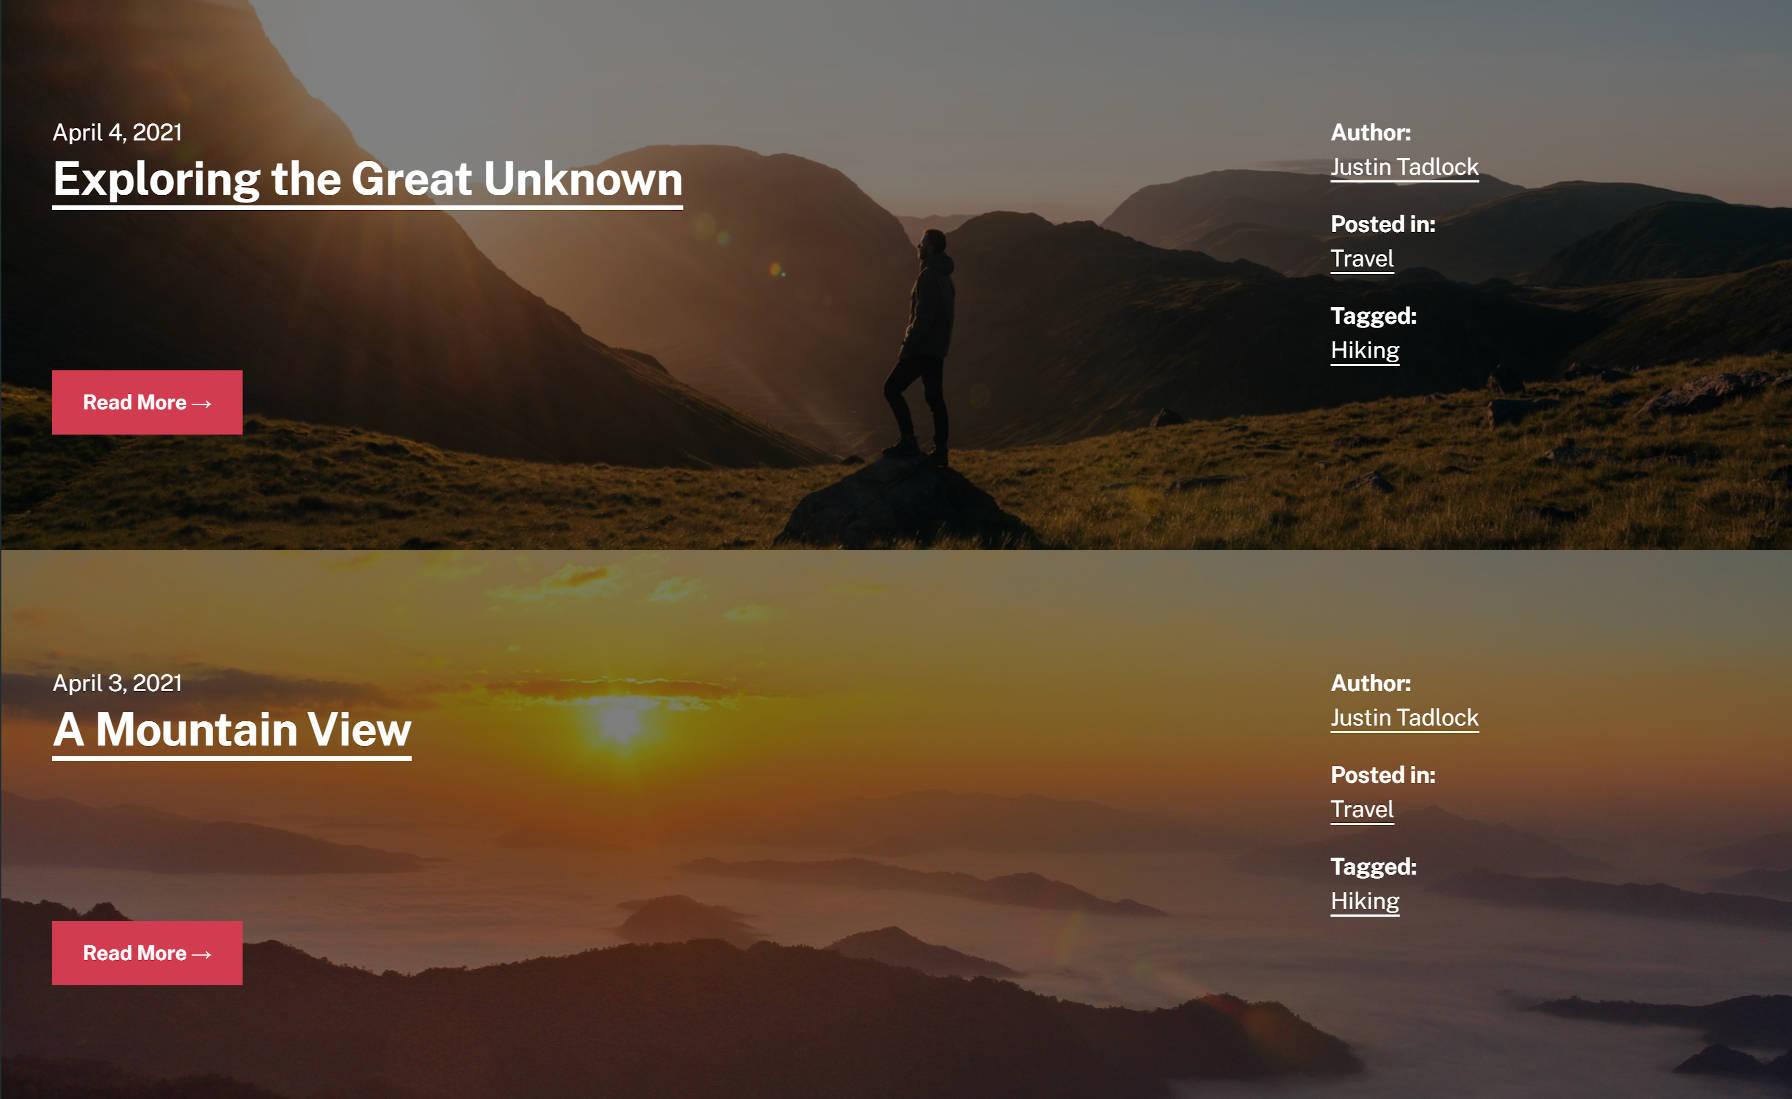 Deux articles de blog empilés les uns sur les autres.  Chacun a une image d'arrière-plan personnalisée qui s'étend sur la page.